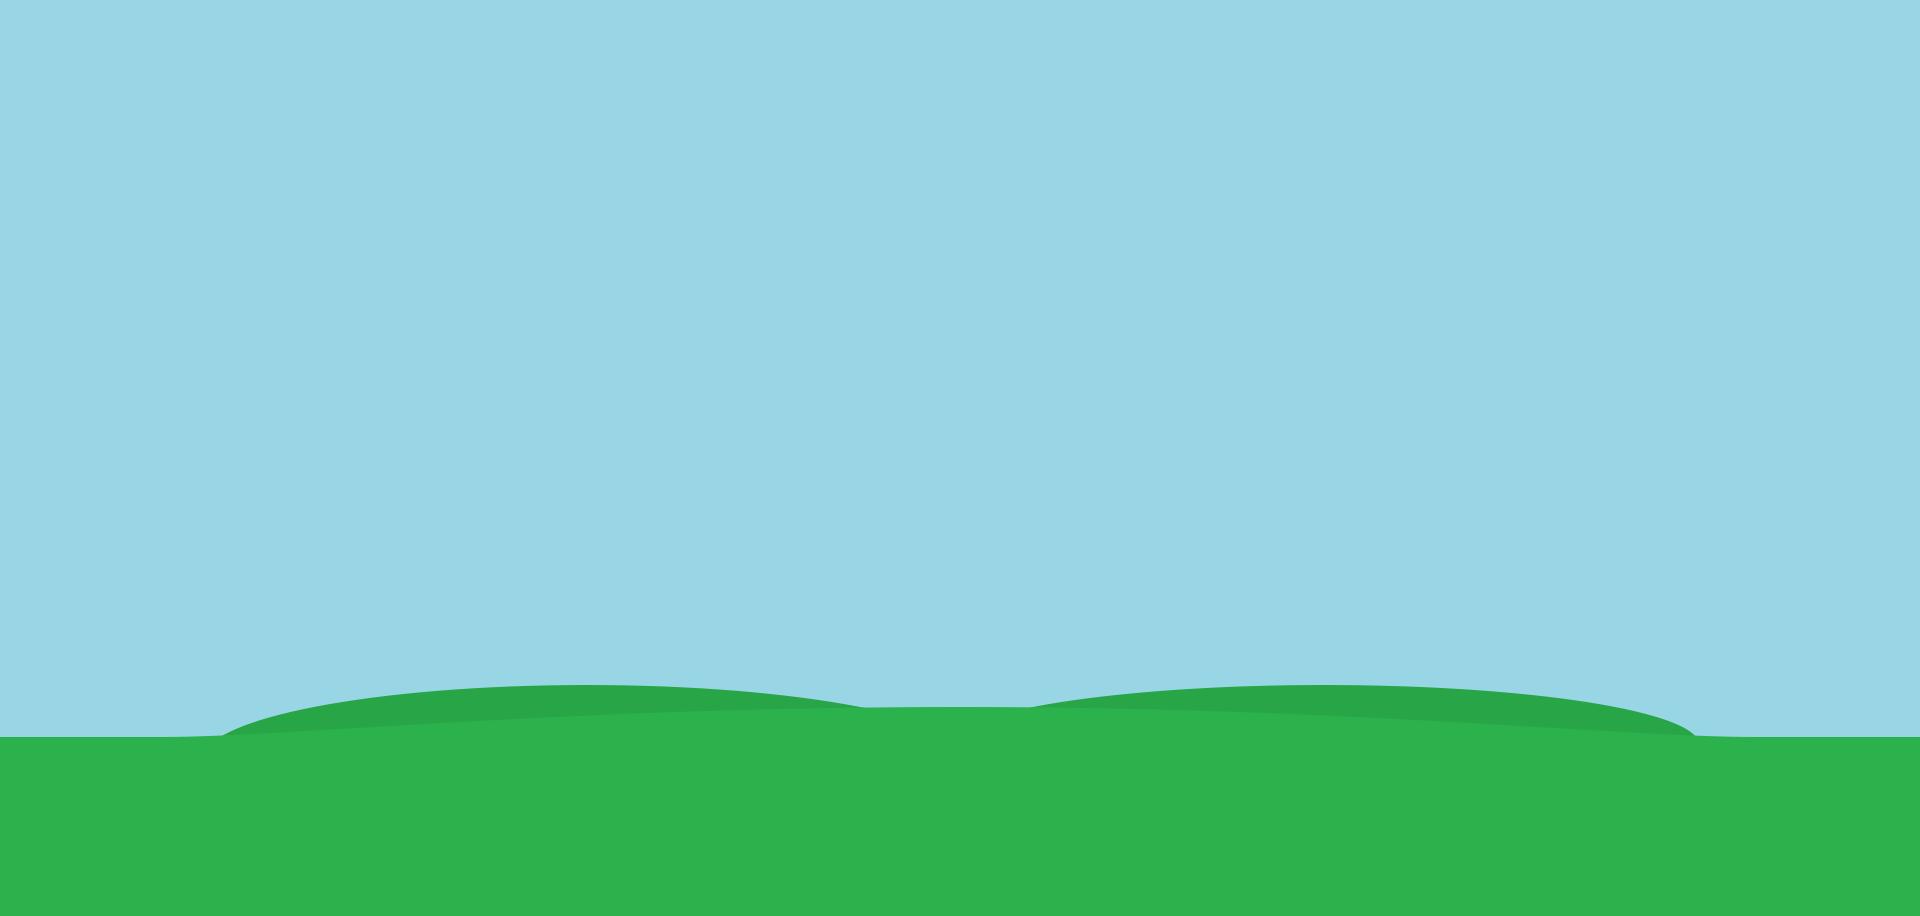 sfondo slider in home page - prato verde su cielo azzurro